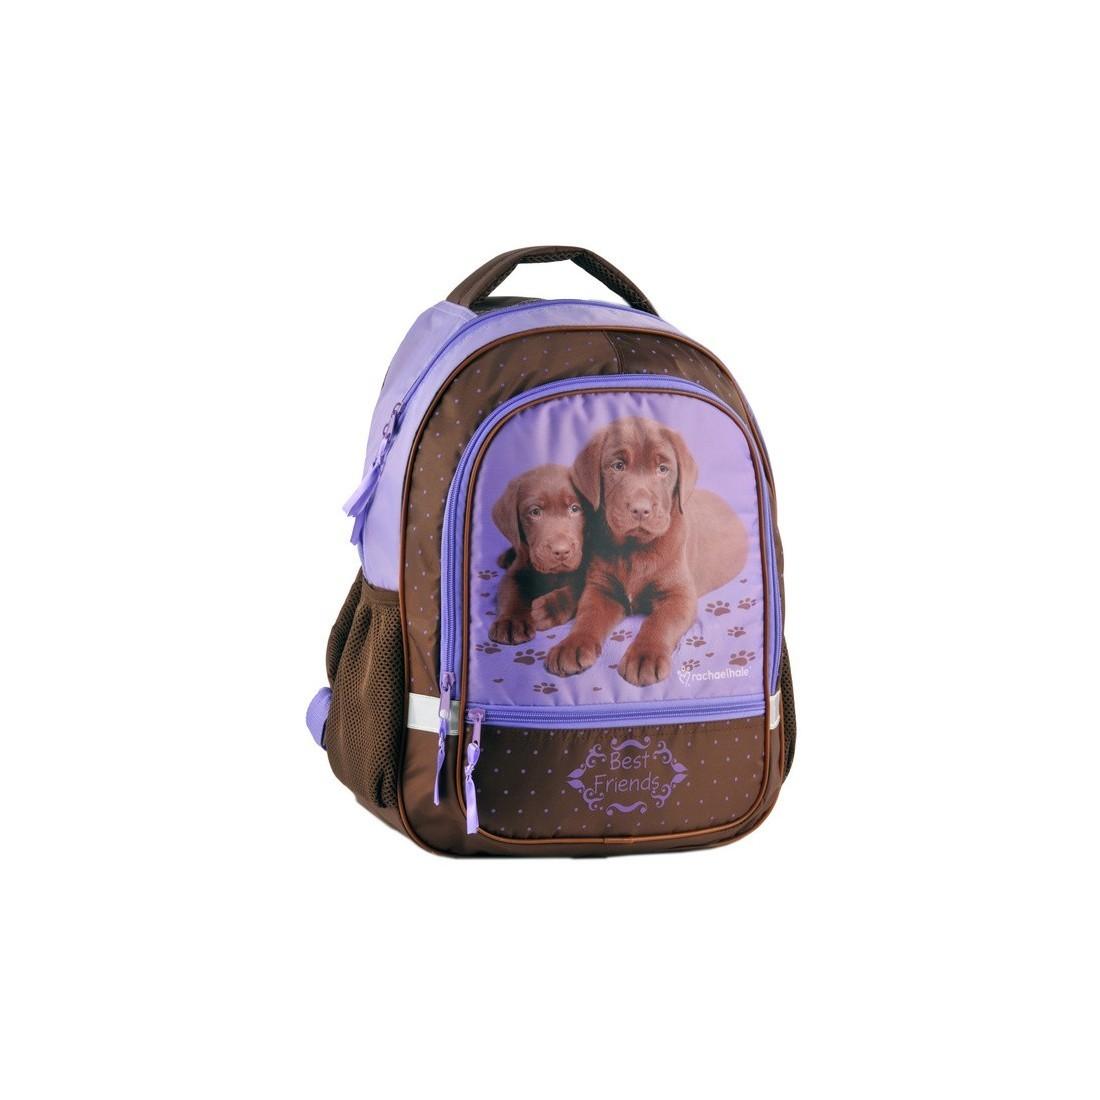 Plecak szkolny Rachael Hale labradory - plecak-tornister.pl